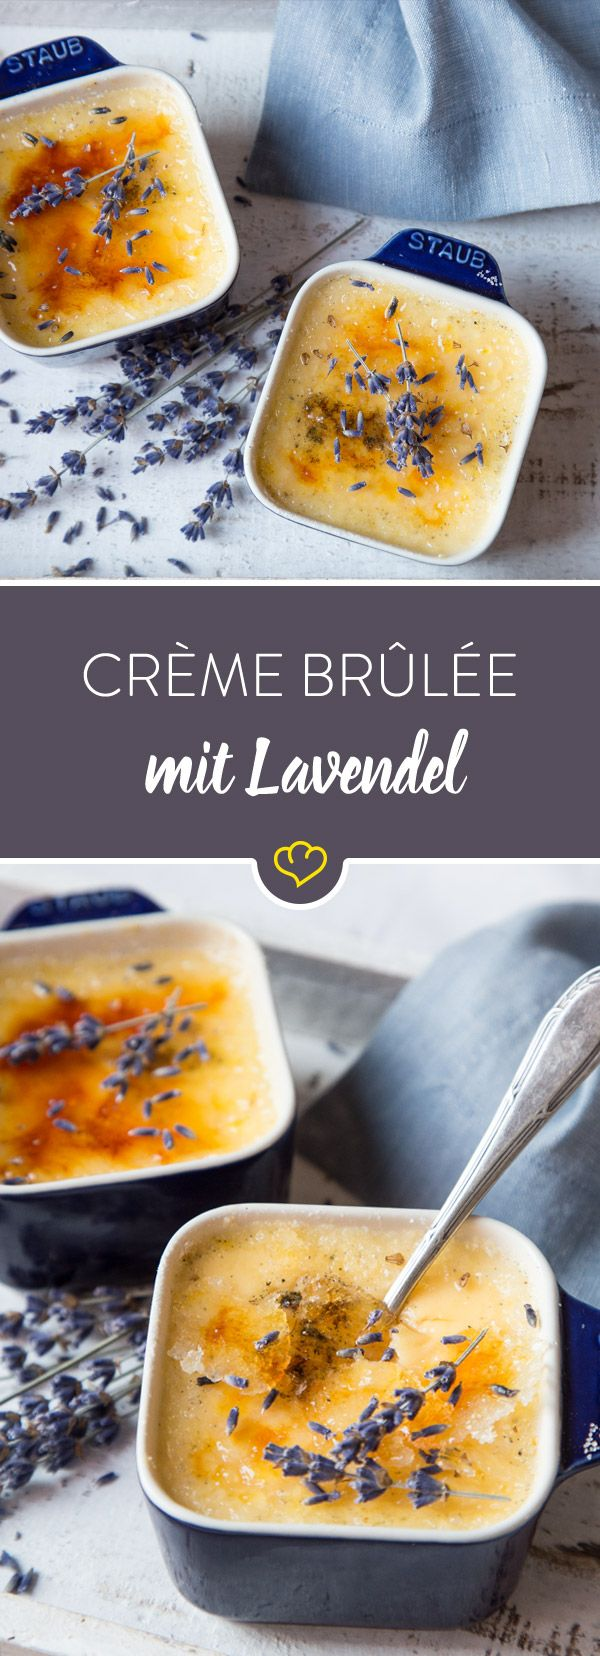 Im Dessert machen sich die blau-violetten Blüten äußerst gut: Lavendelblüten geben der klassischen Crème brûlée eine ganz besondere und weiche Note.